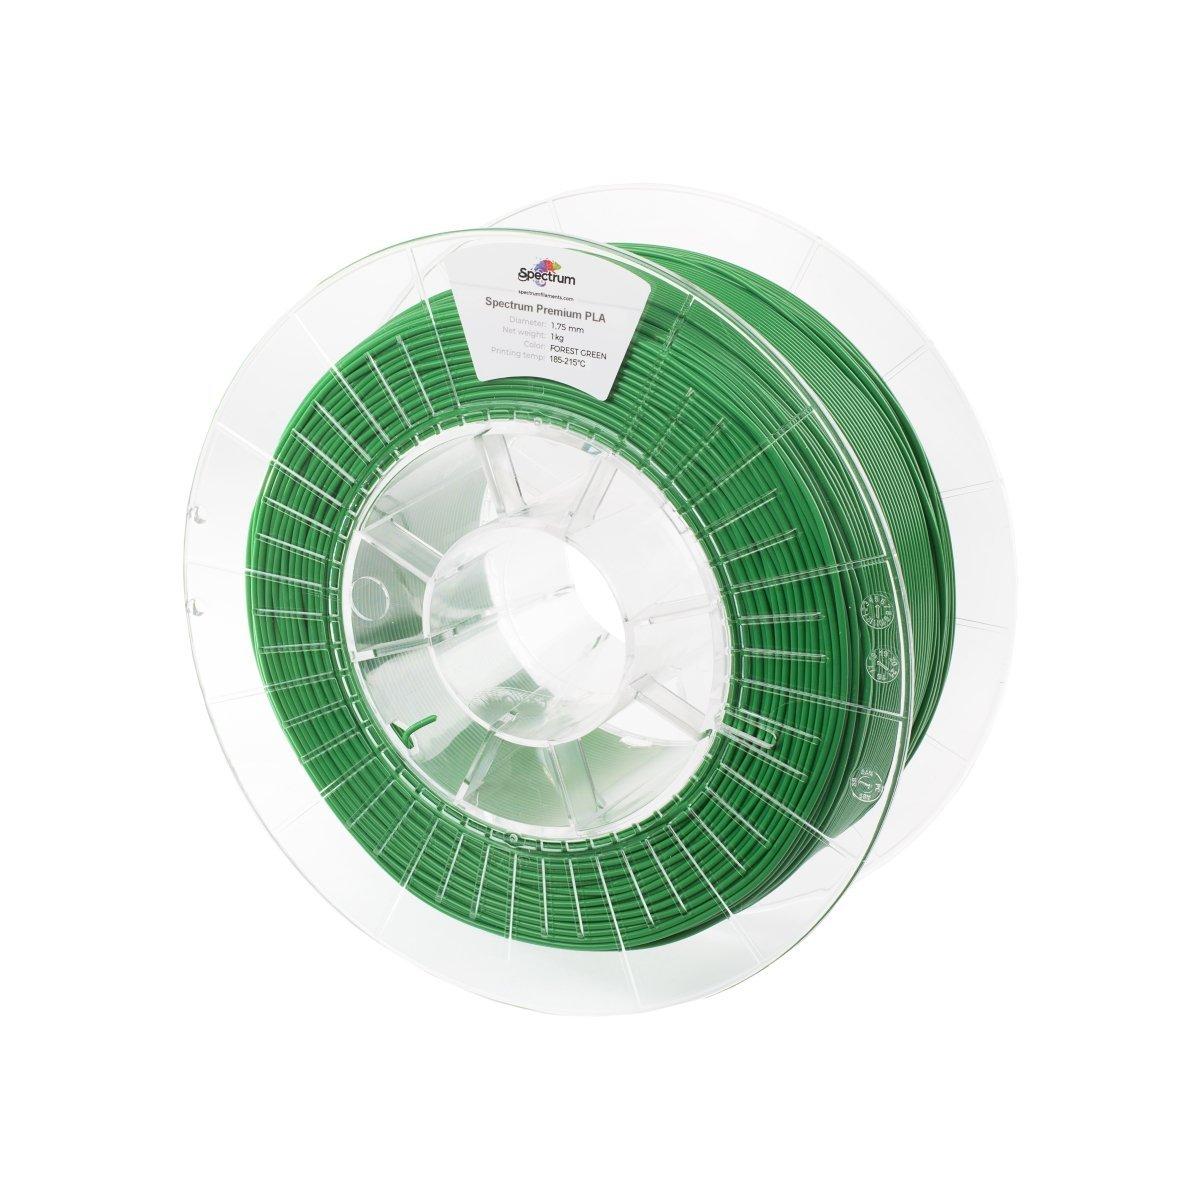 Billede af Spectrum Filaments - PLA - 1.75mm - Forest Green - 1 kg